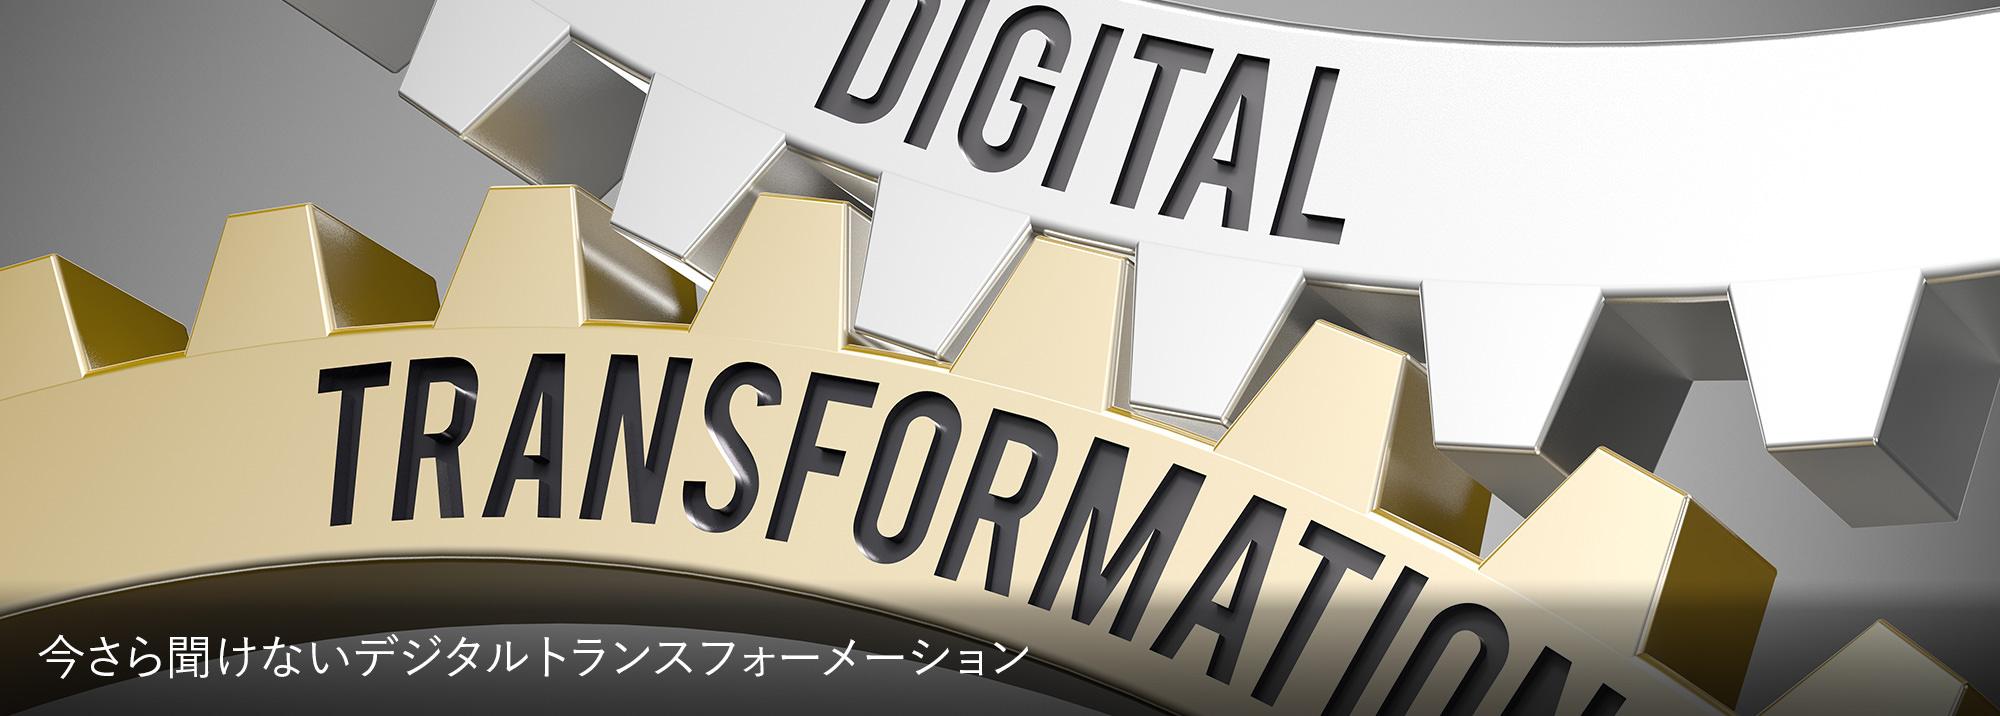 Rentec Insight 今さら聞けないデジタルトランスフォーメーション